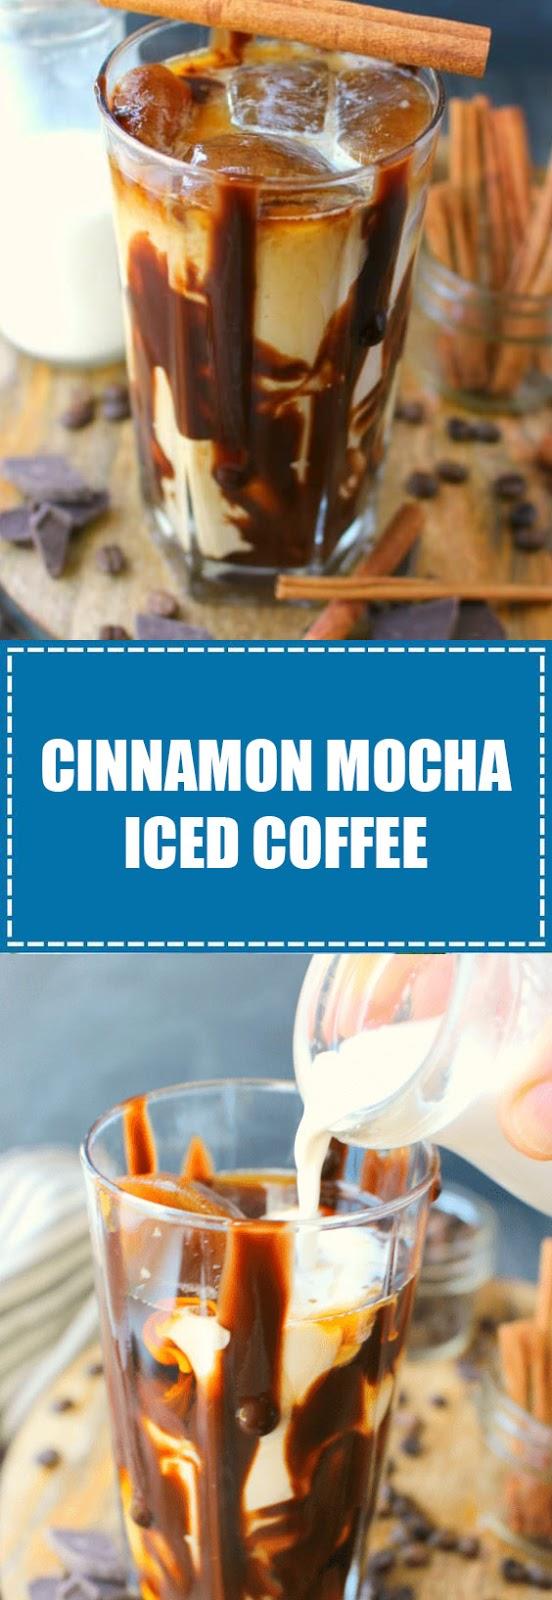 Cinnamon Mocha Iced Coffee